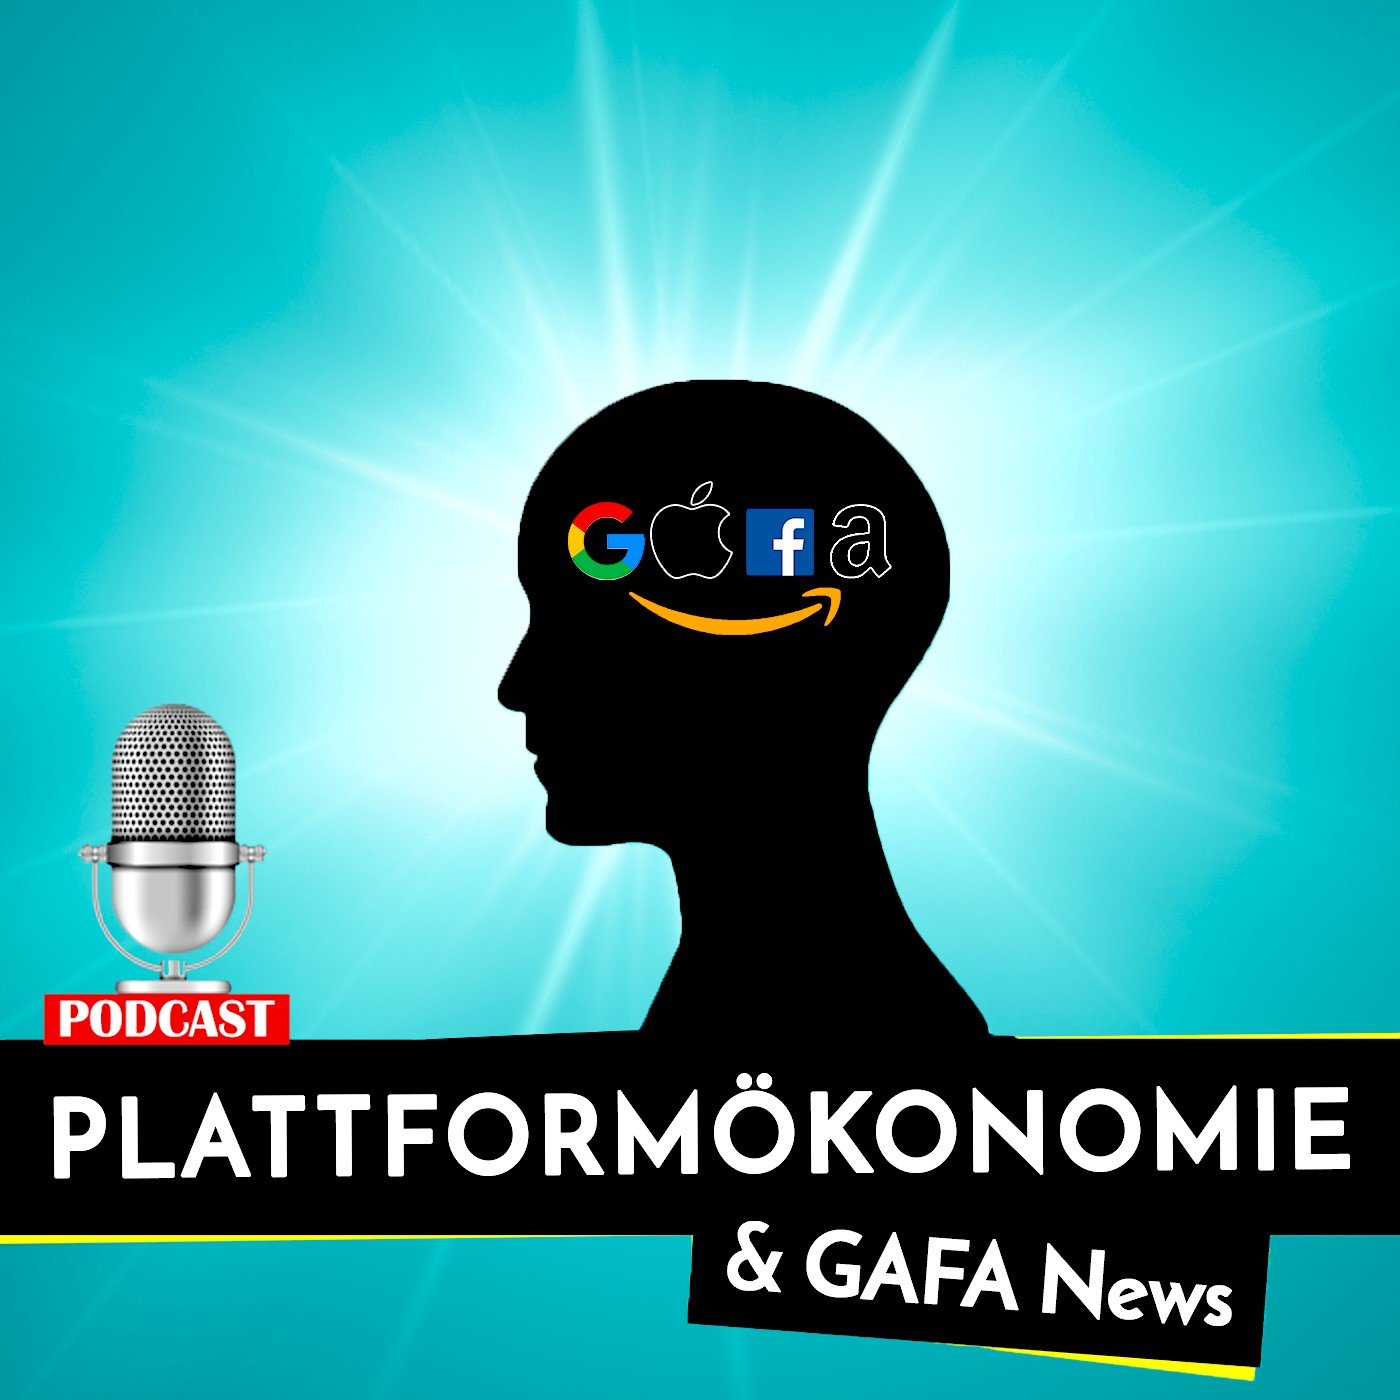 Plattformökonomie & GAFA News | E-Commerce News für Gründer | Digitalbranche | Wirtschaftsnachrichte